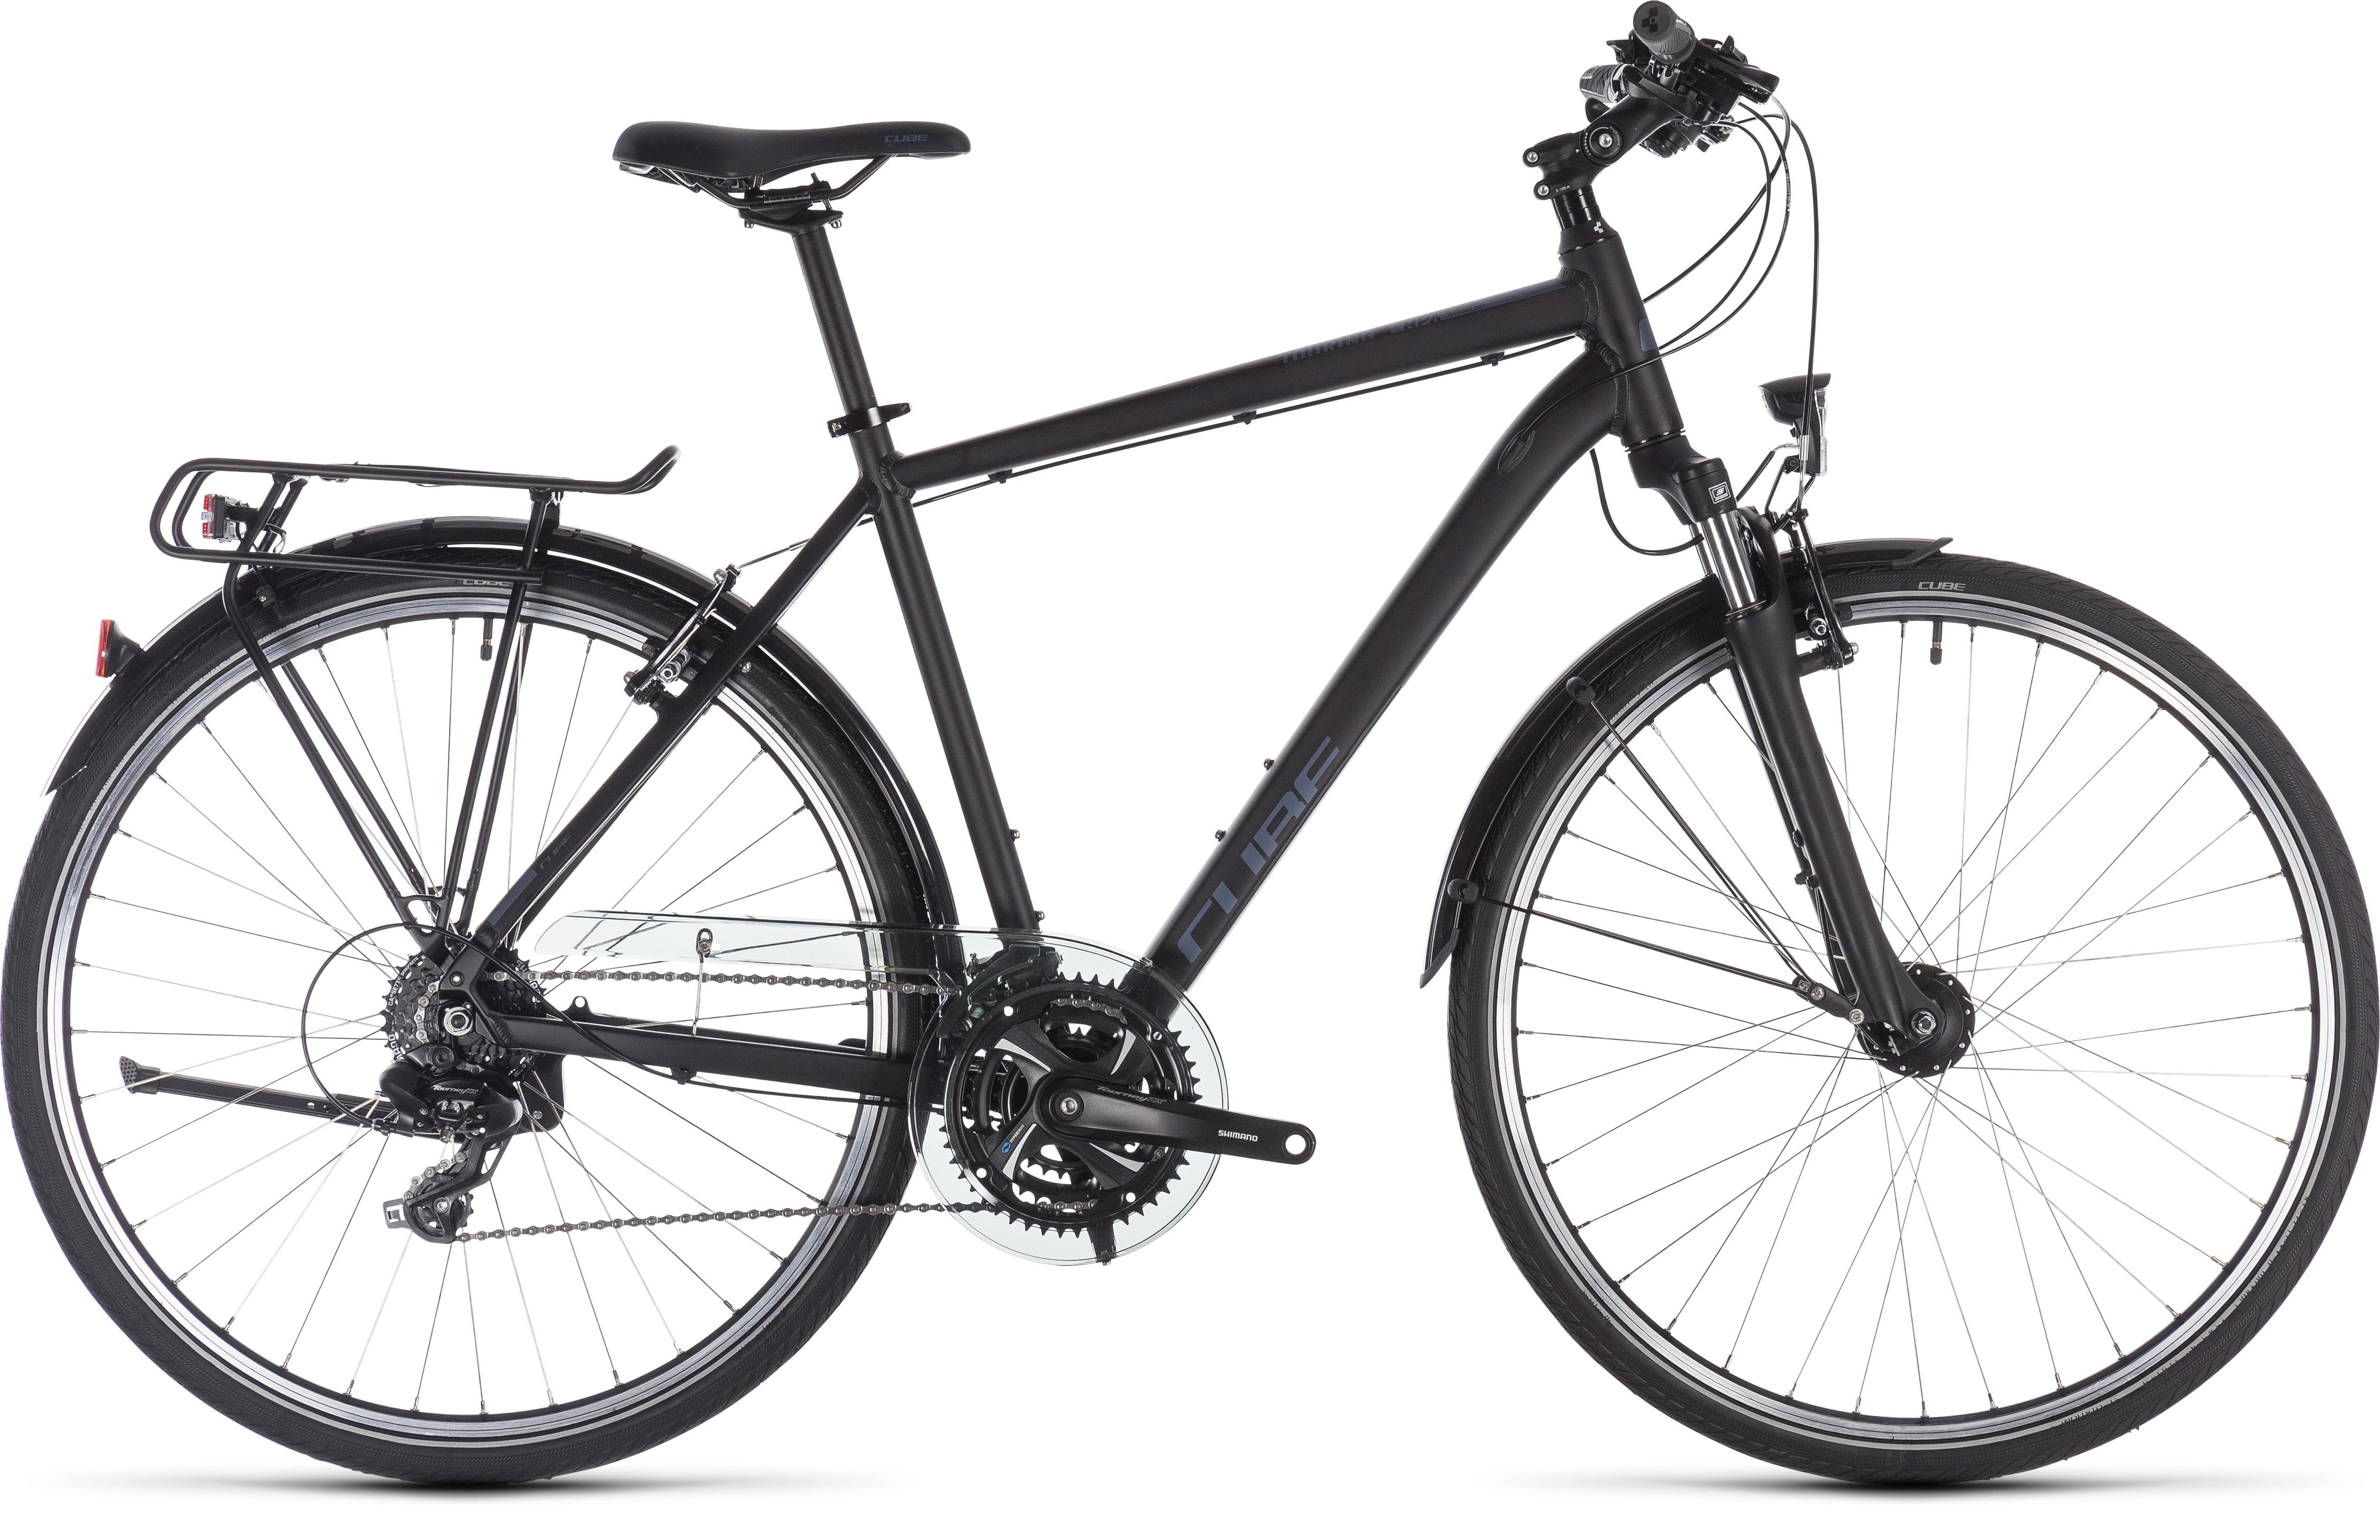 6f777d7e4 For Bikes